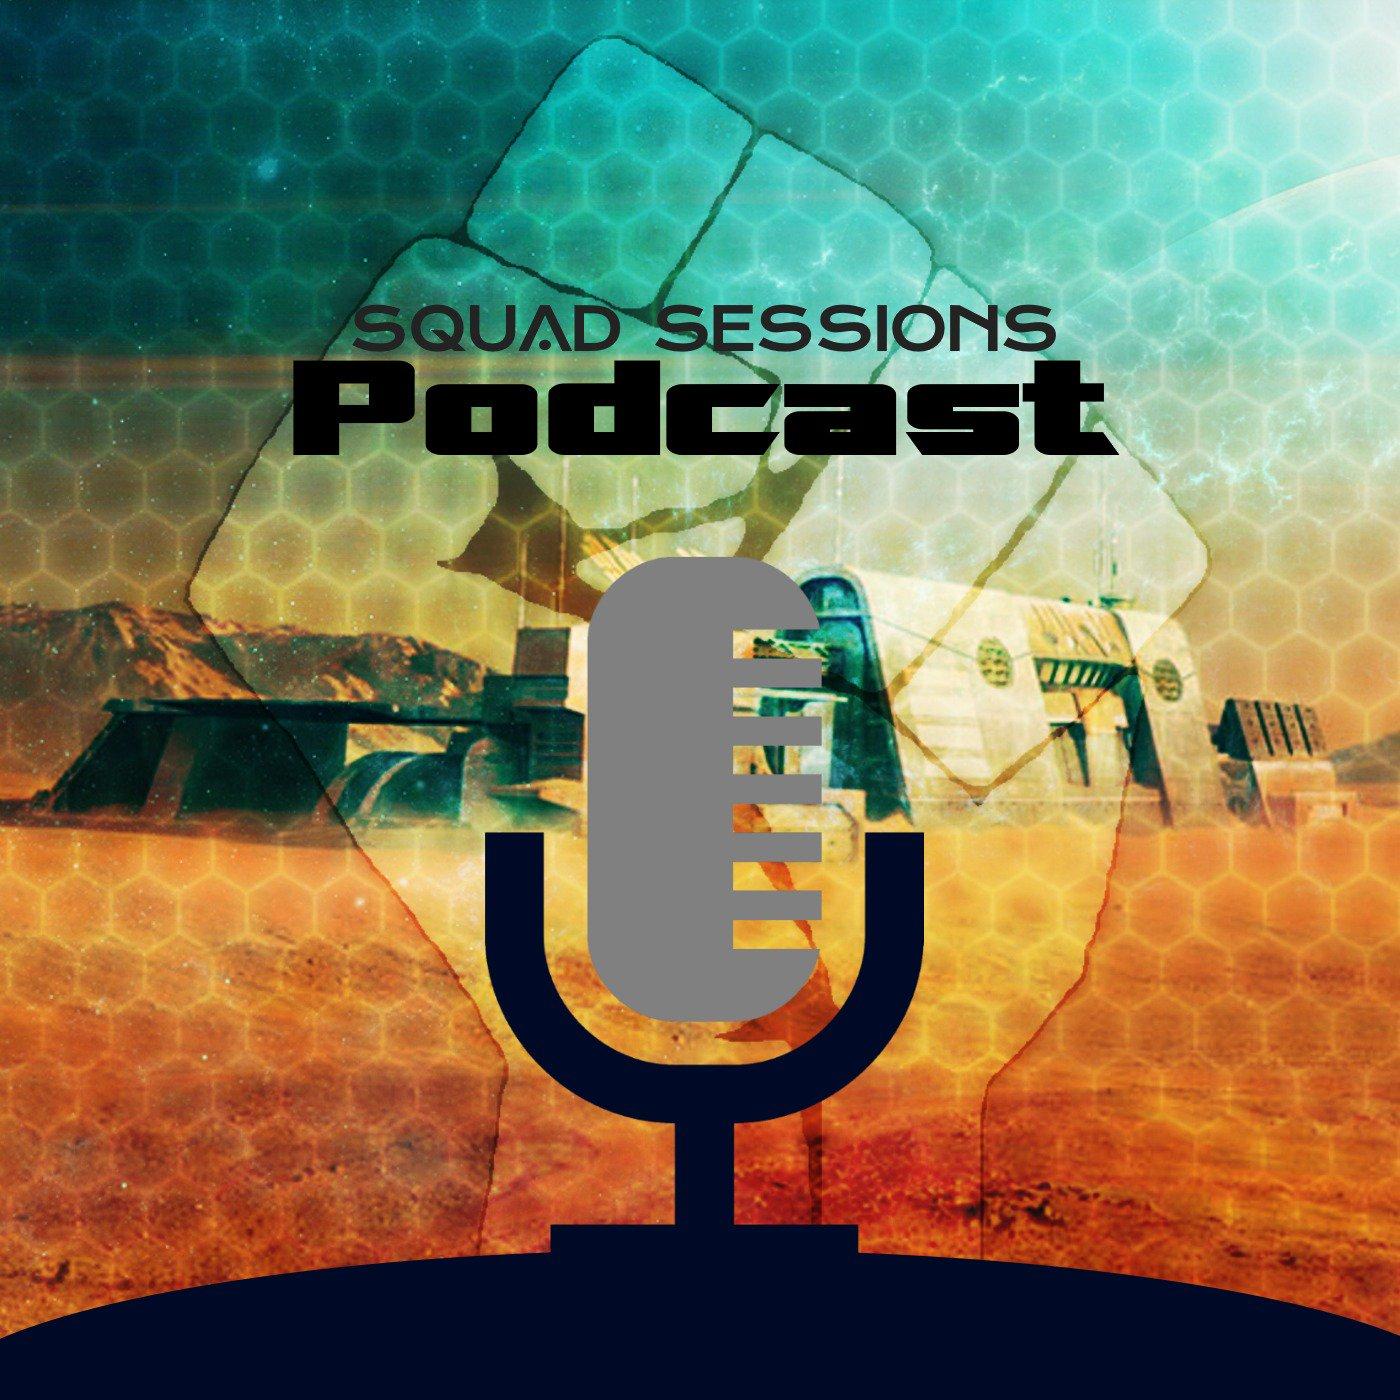 Toonami Squad Sessions Podcast Annoucment